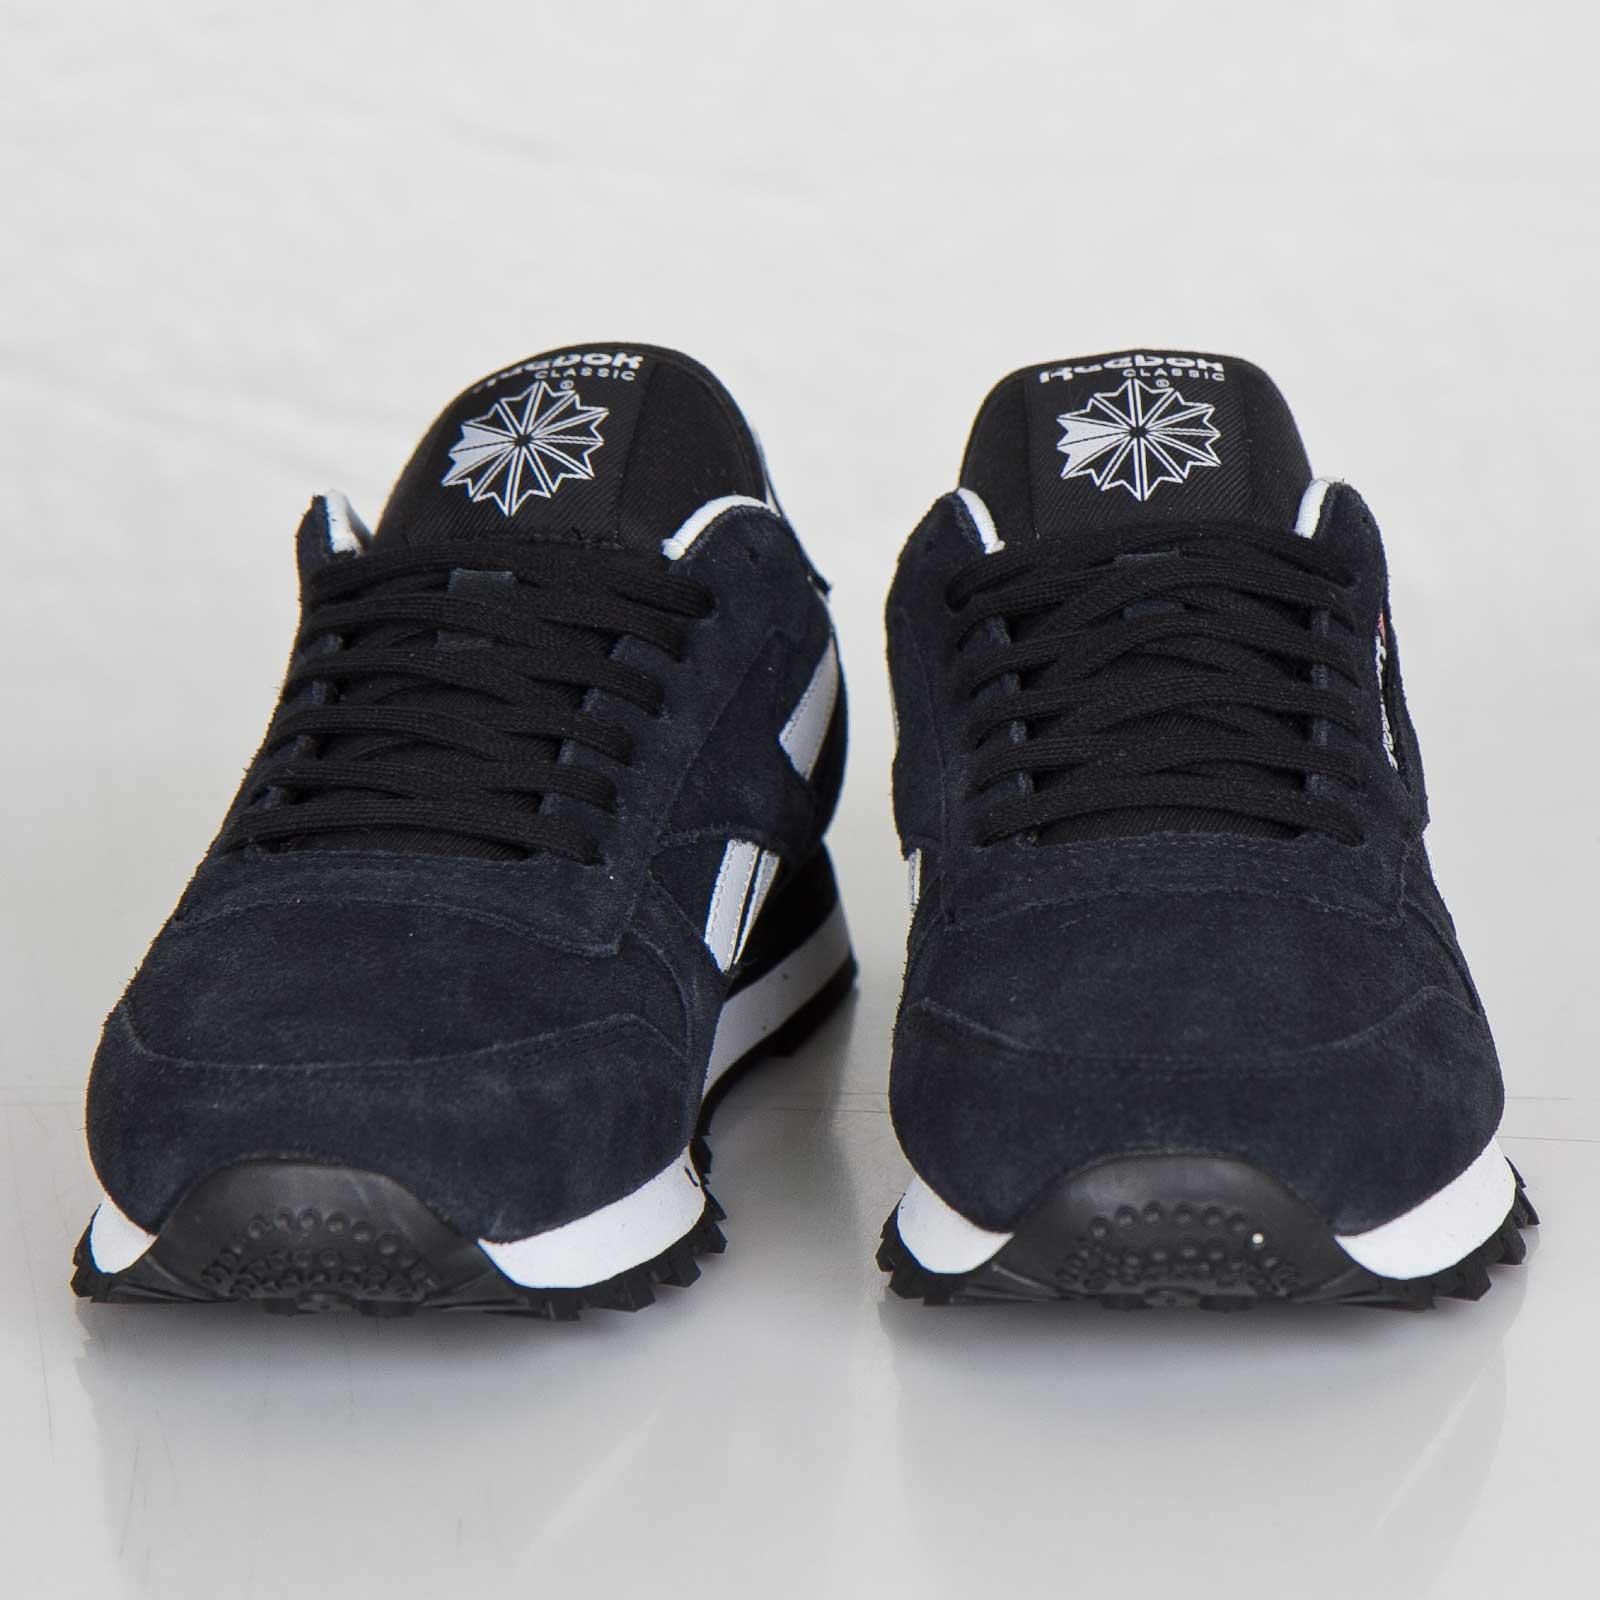 07715516d Reebok Classic Leather Suede - M43016 - Sneakersnstuff | sneakers &  streetwear online since 1999